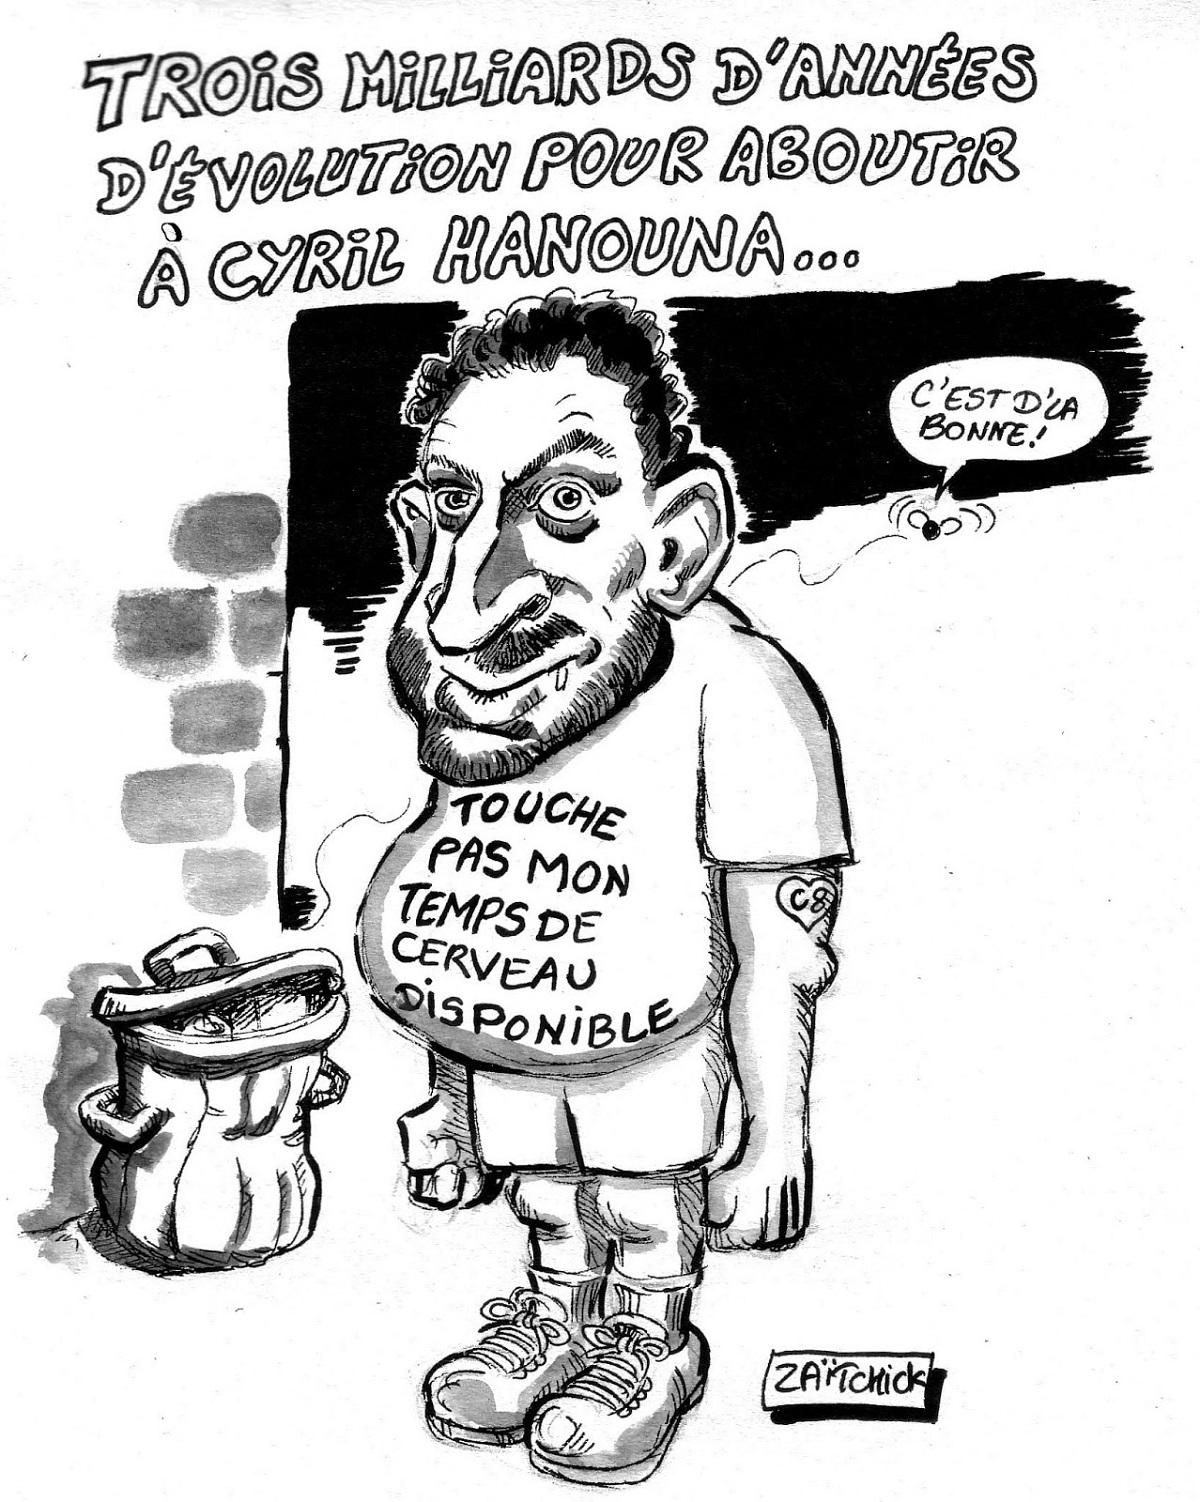 Dessin d'actualité humoristique sur Cyril Hanouna et le temps de cerveau disponible